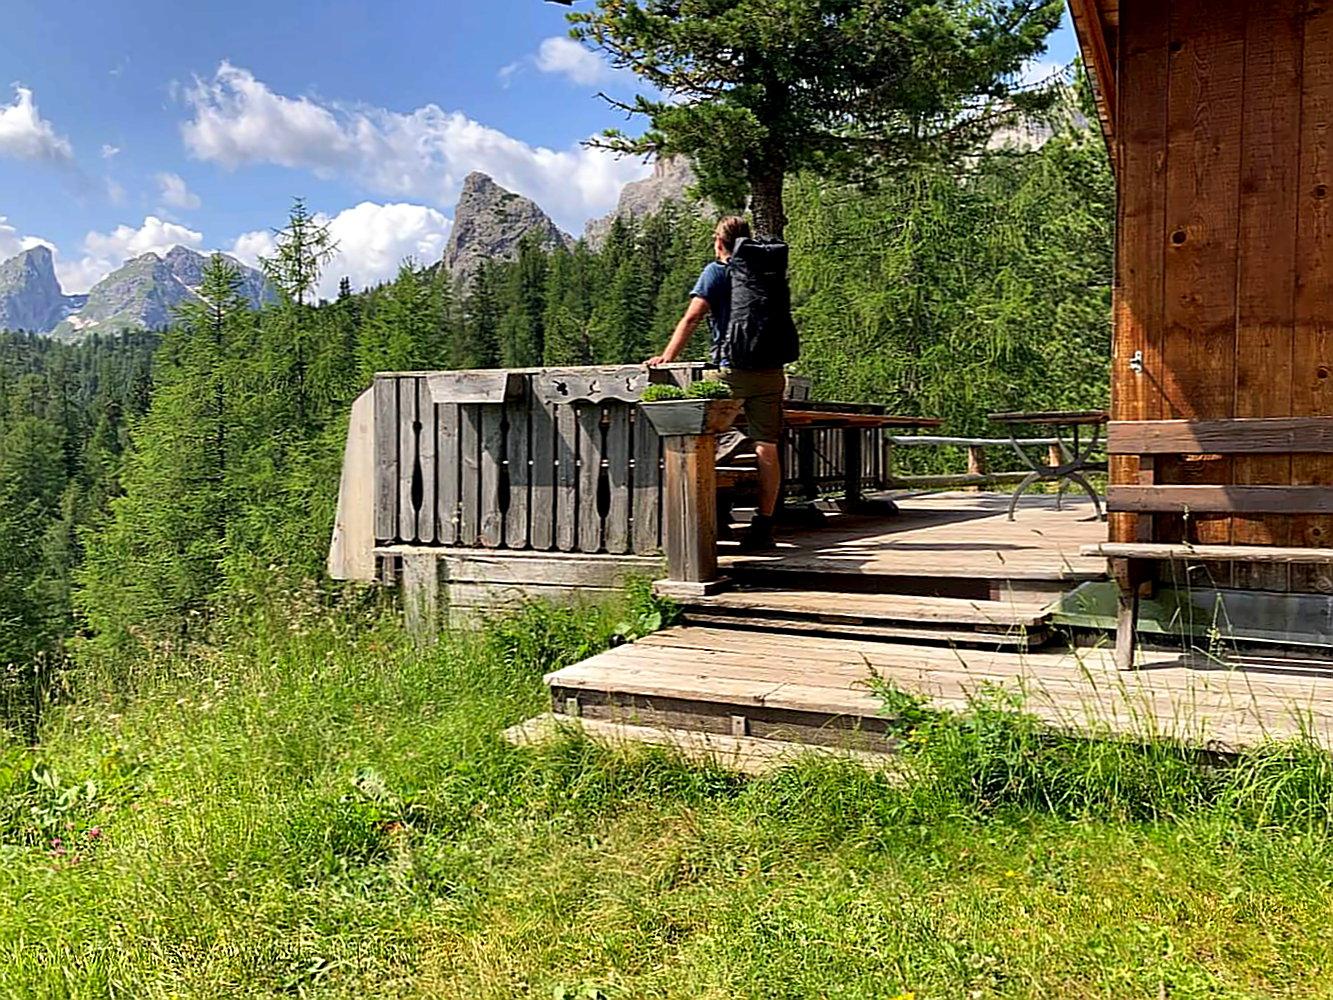 Kurze Pause beim Wandern in den Dolomiten.